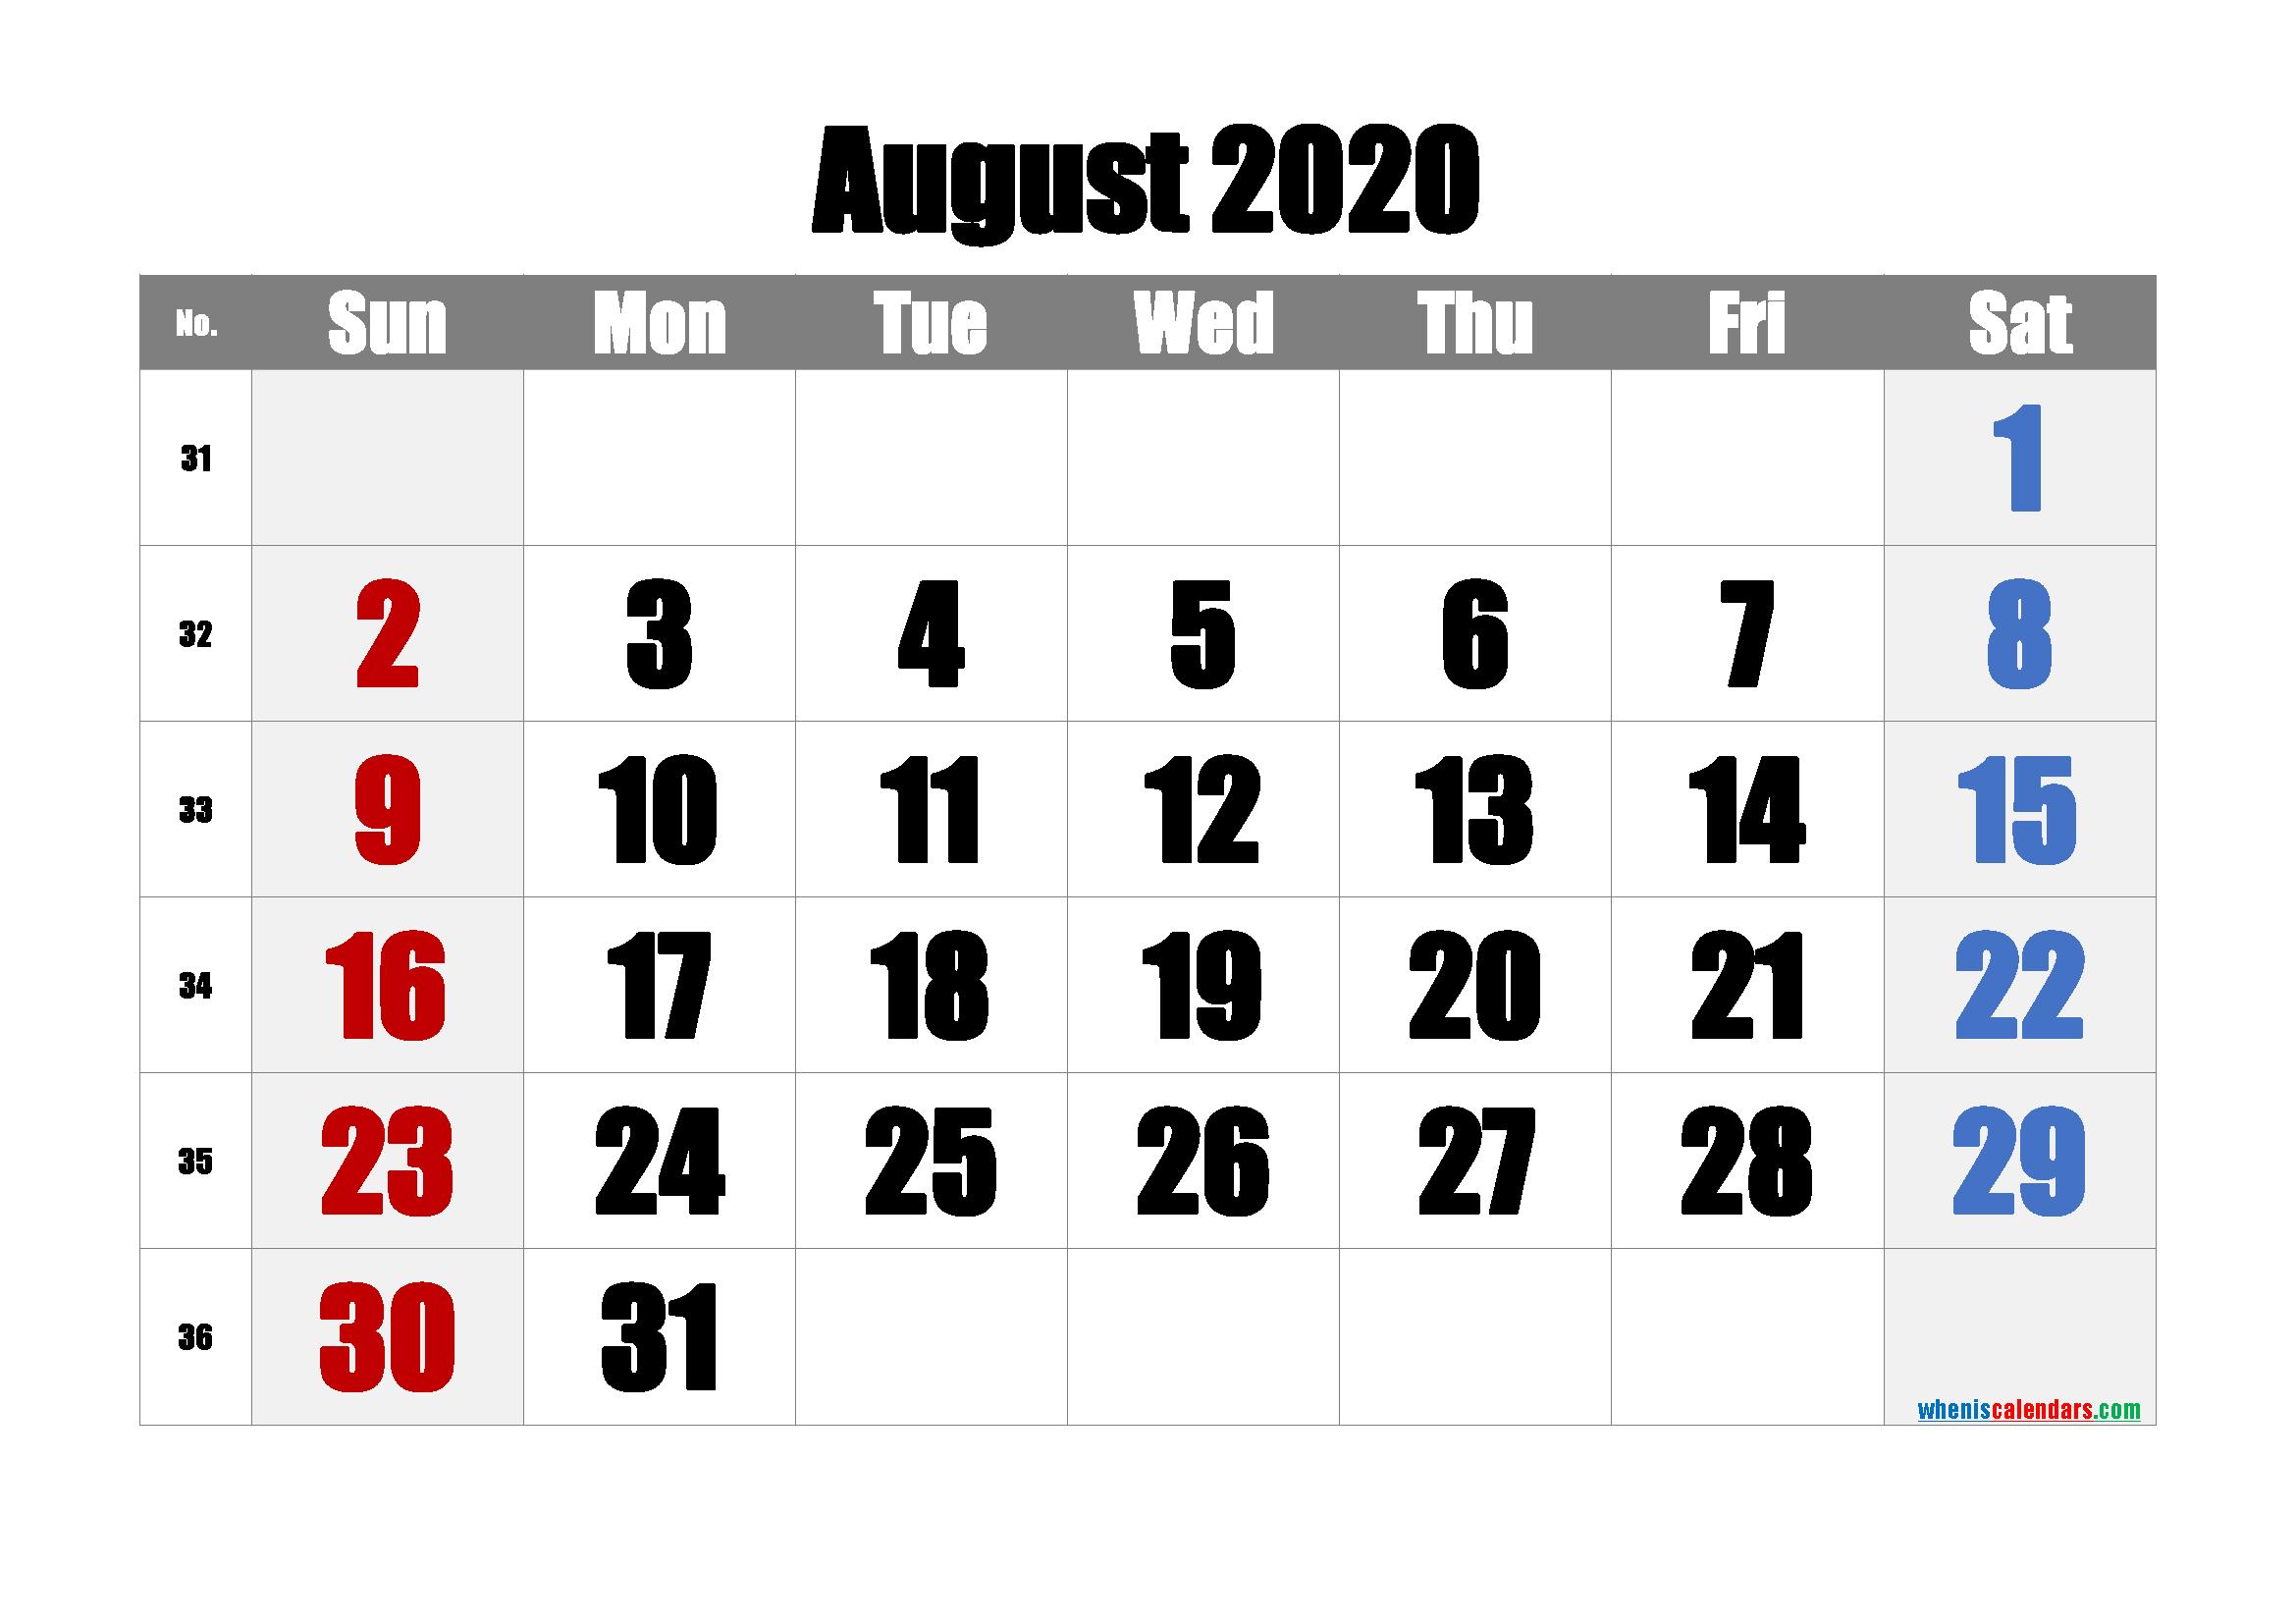 Free August 2020 Calendar with Week Numbers